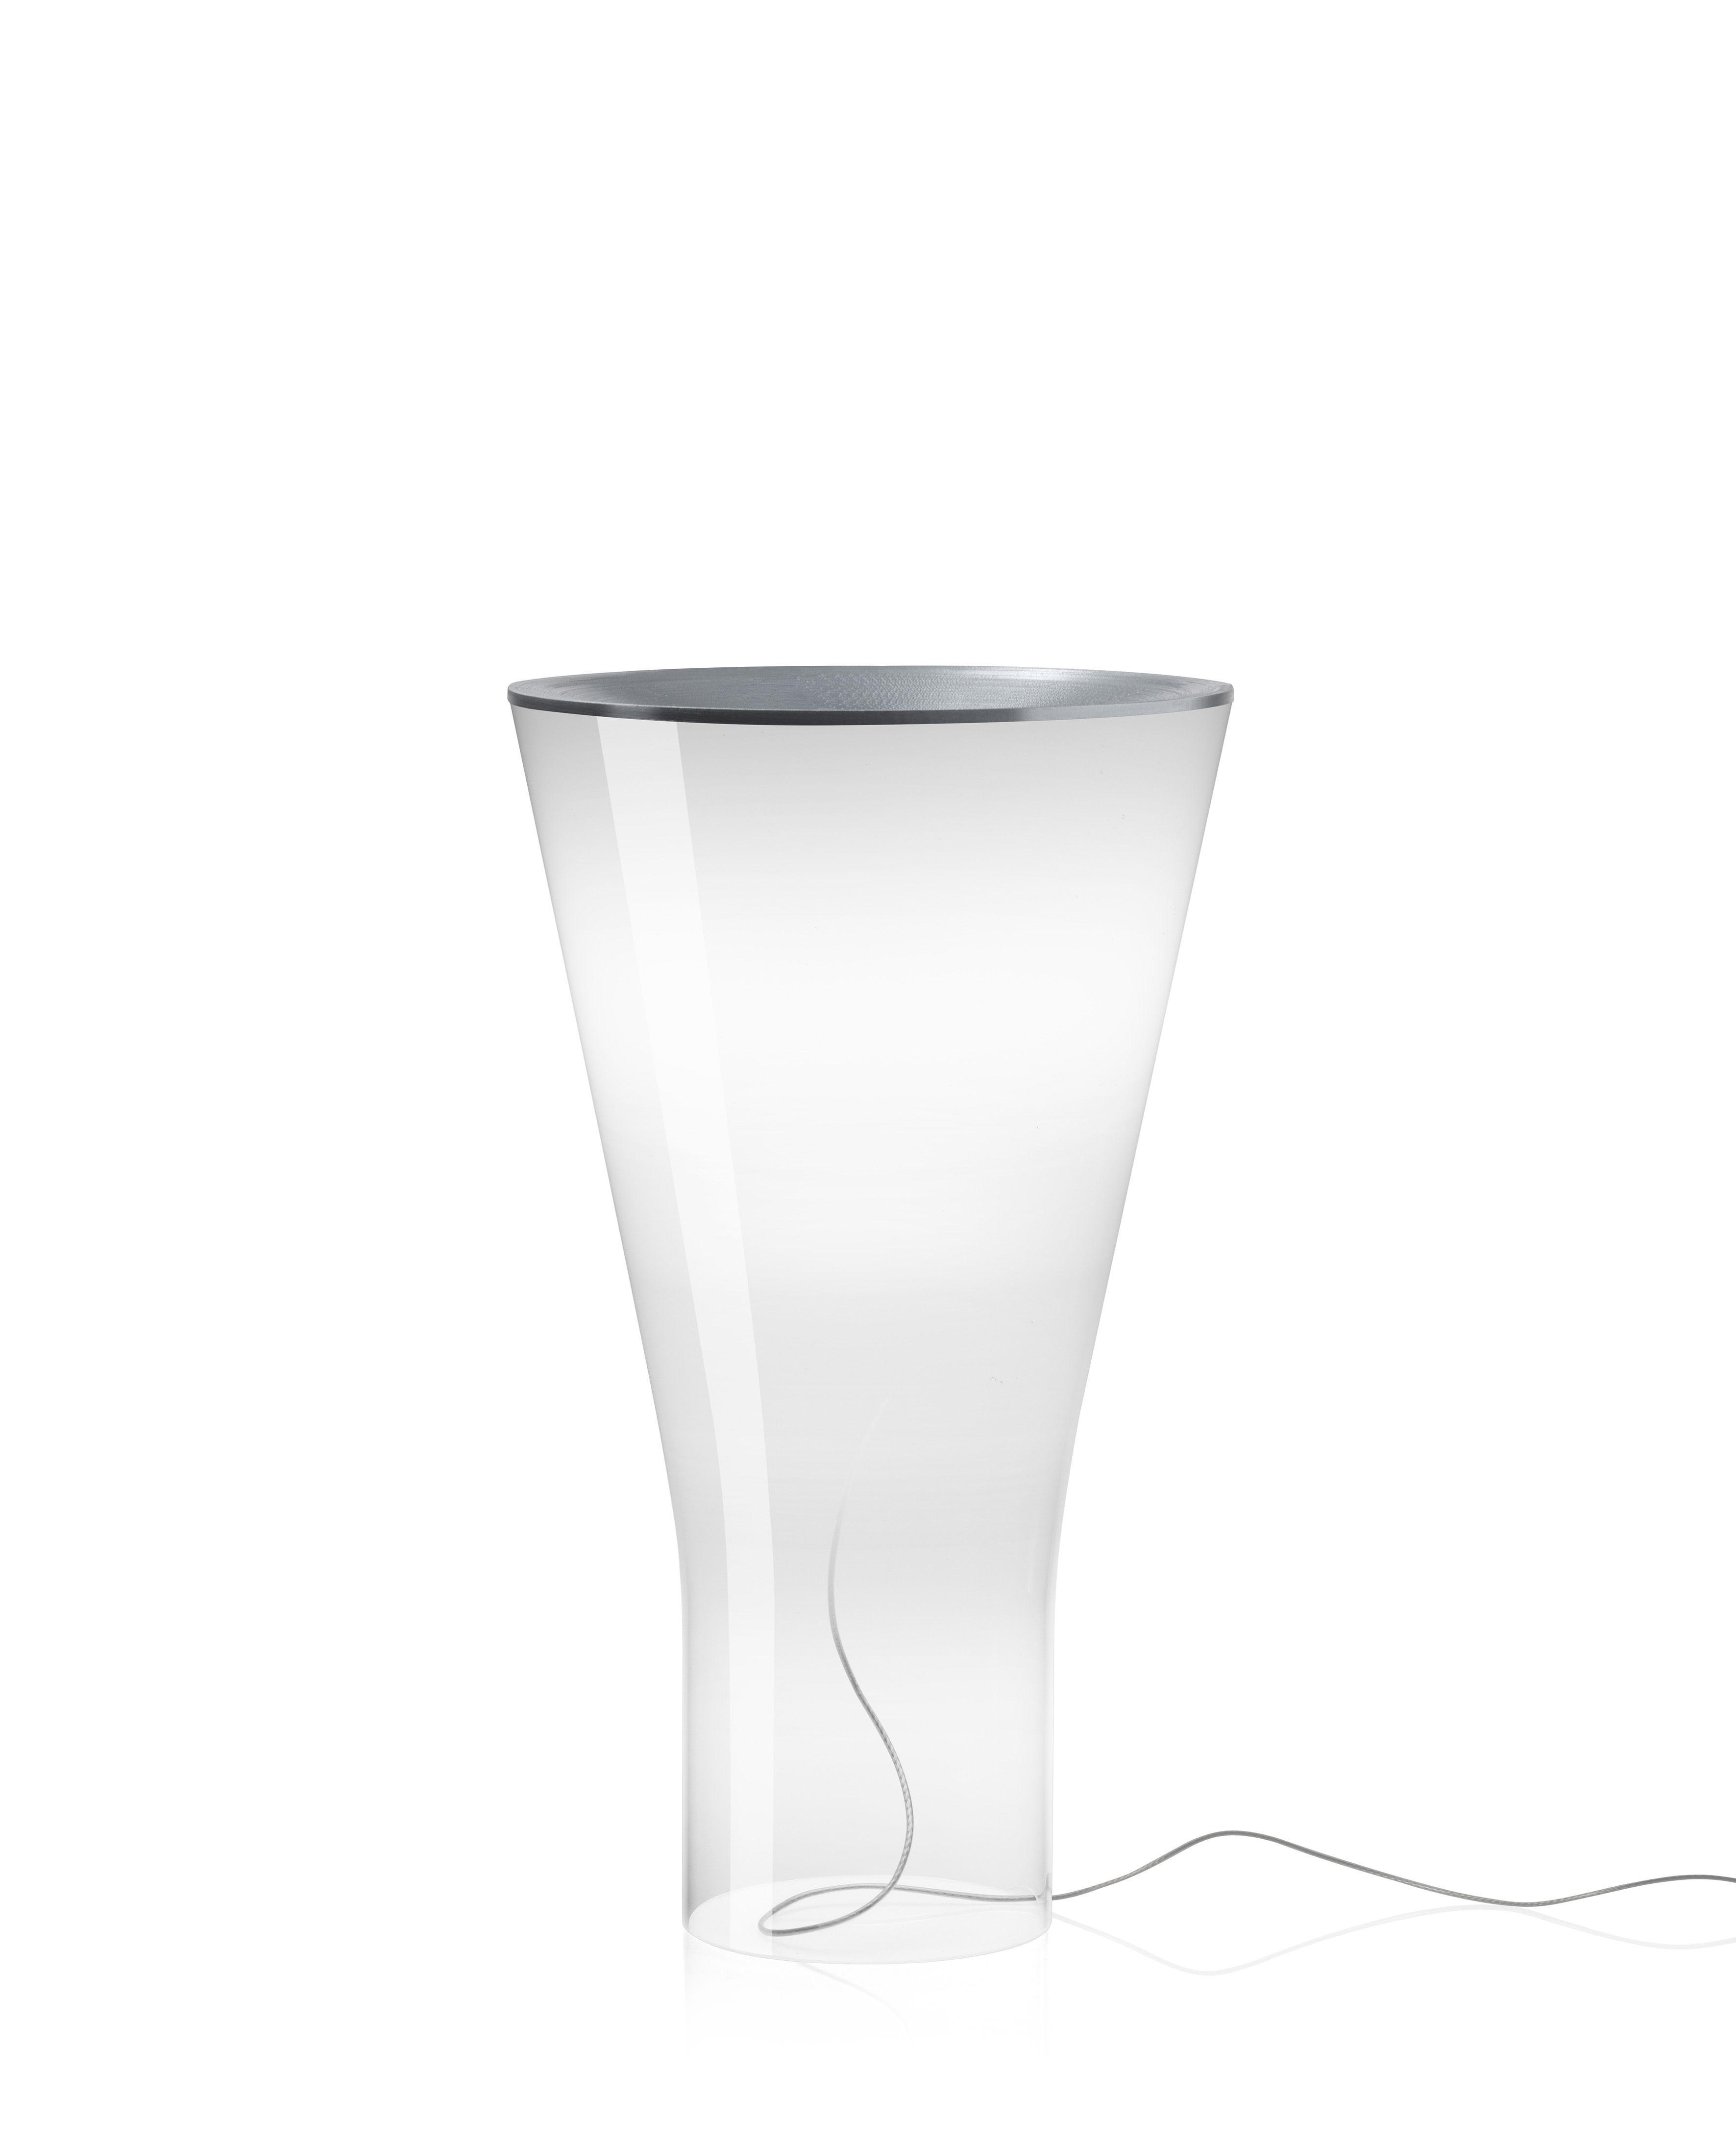 Luminaire - Lampes de table - Lampe de table Soffio LED / Verre - H 50 cm - Foscarini - Blanc / Transparent - Aluminium, Verre soufflé bouche